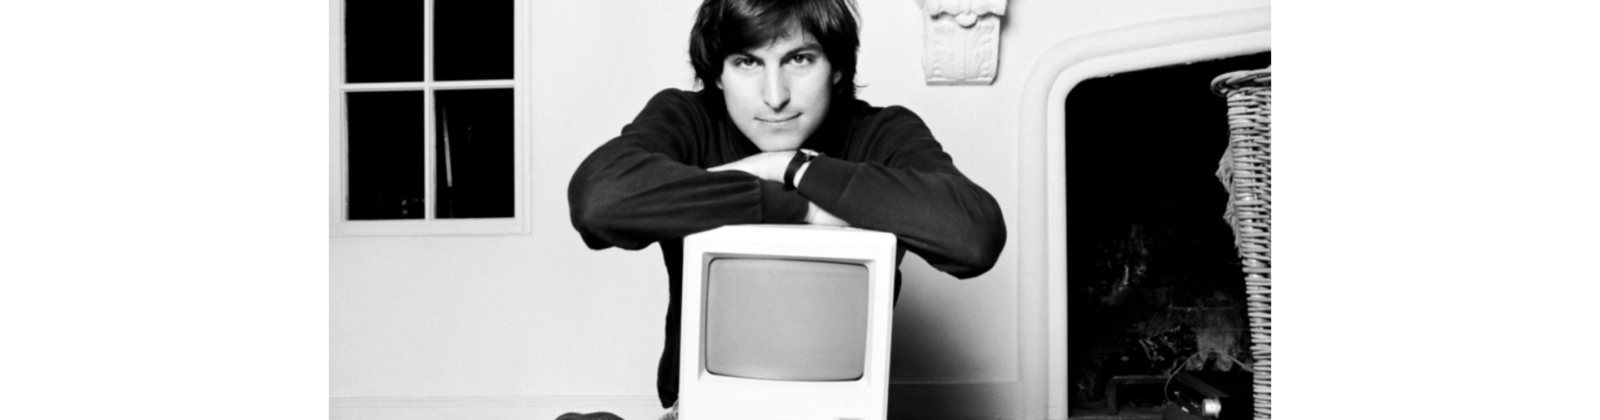 Homenaje a Steve Jobs